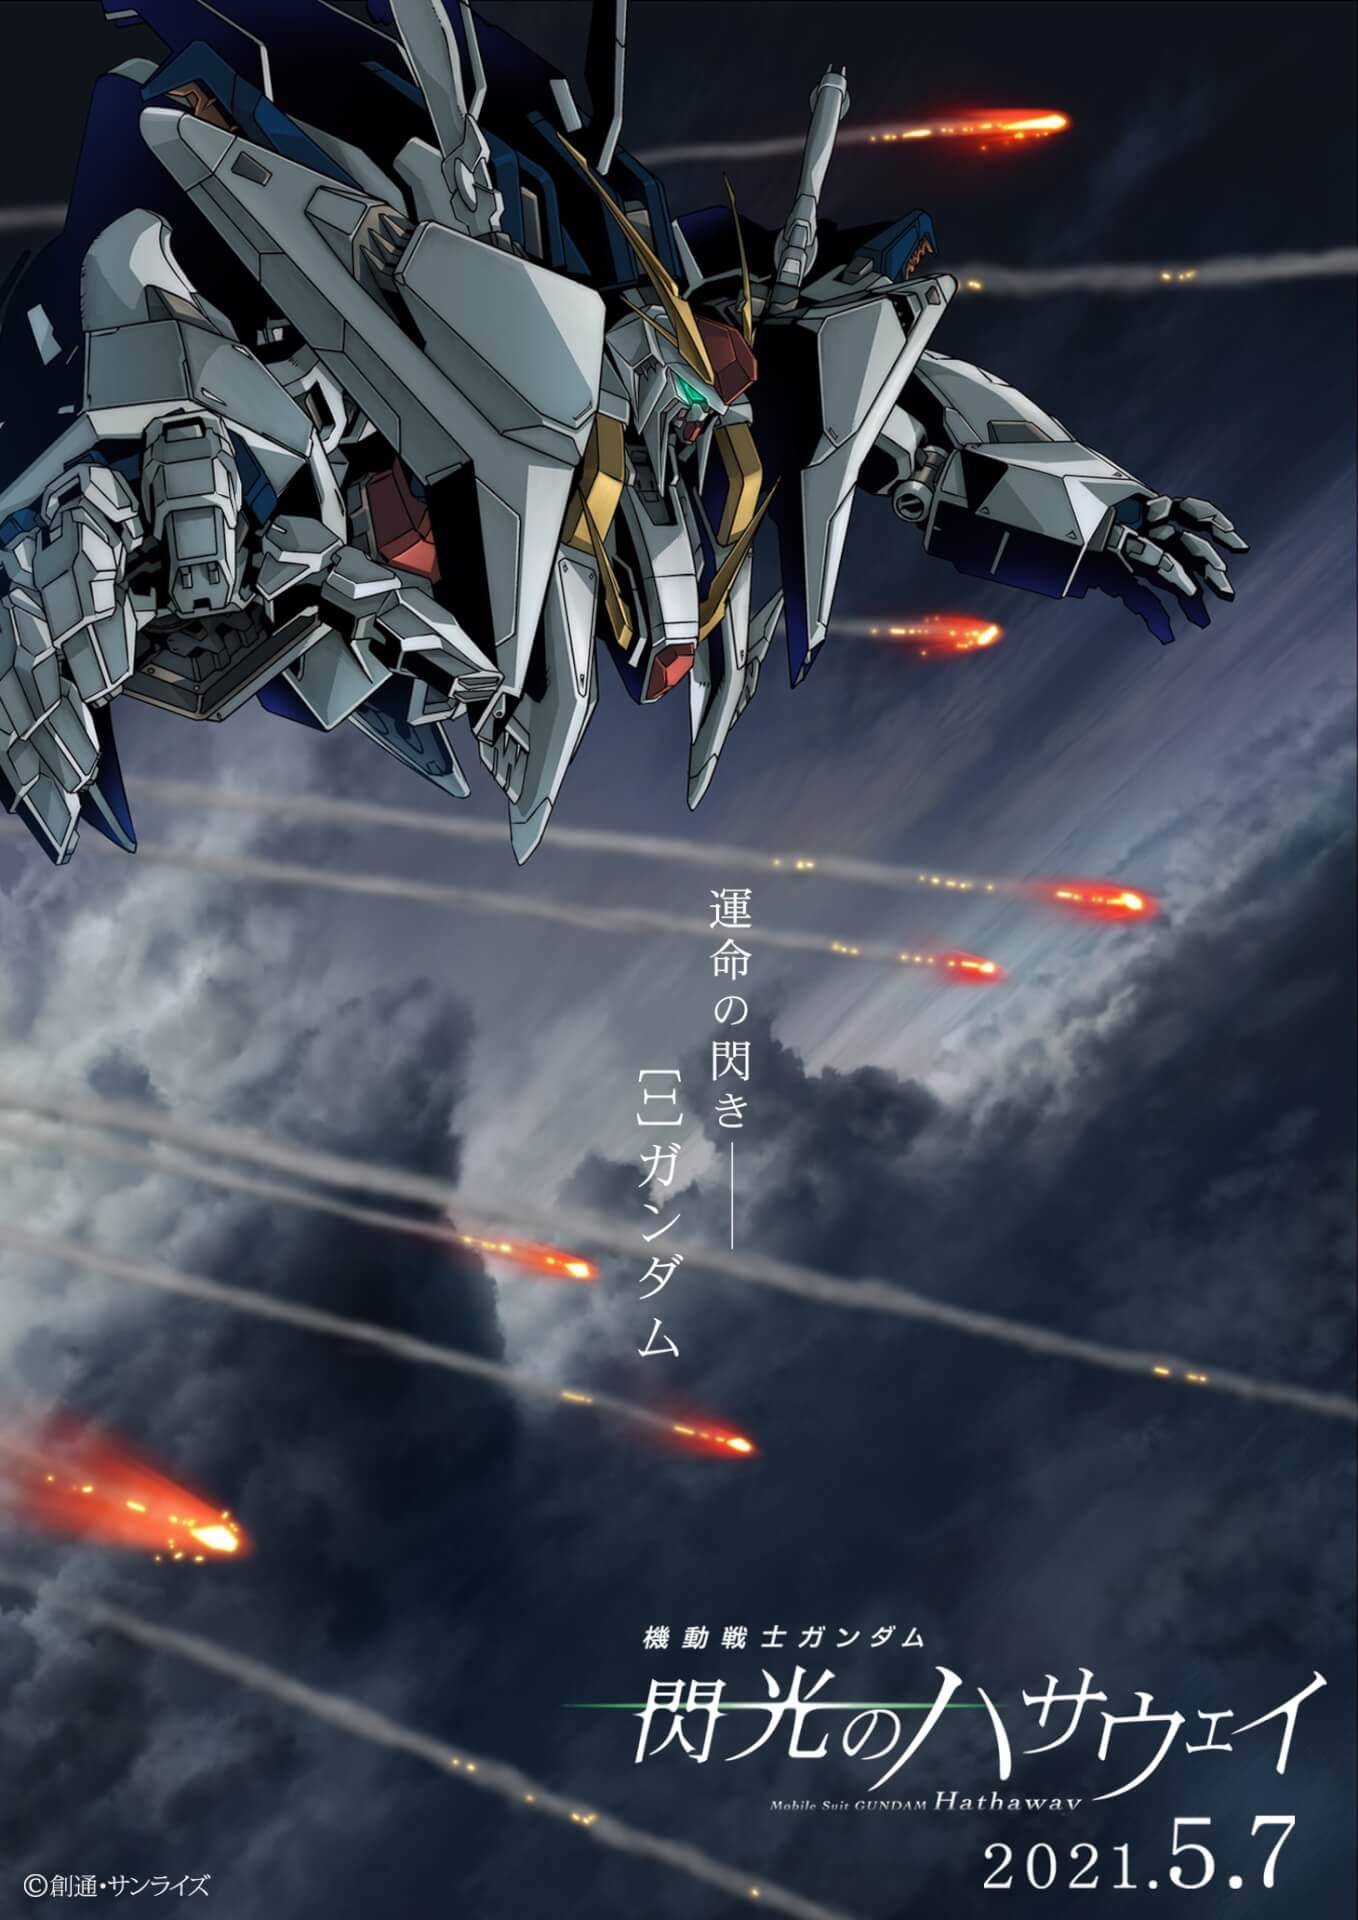 『機動戦士ガンダム 閃光のハサウェイ』公開日がついに決定!ハサウェイ搭乗機クスィーガンダムの新規ビジュアル&新規PVも解禁 film201112_gundam_hathaway_24